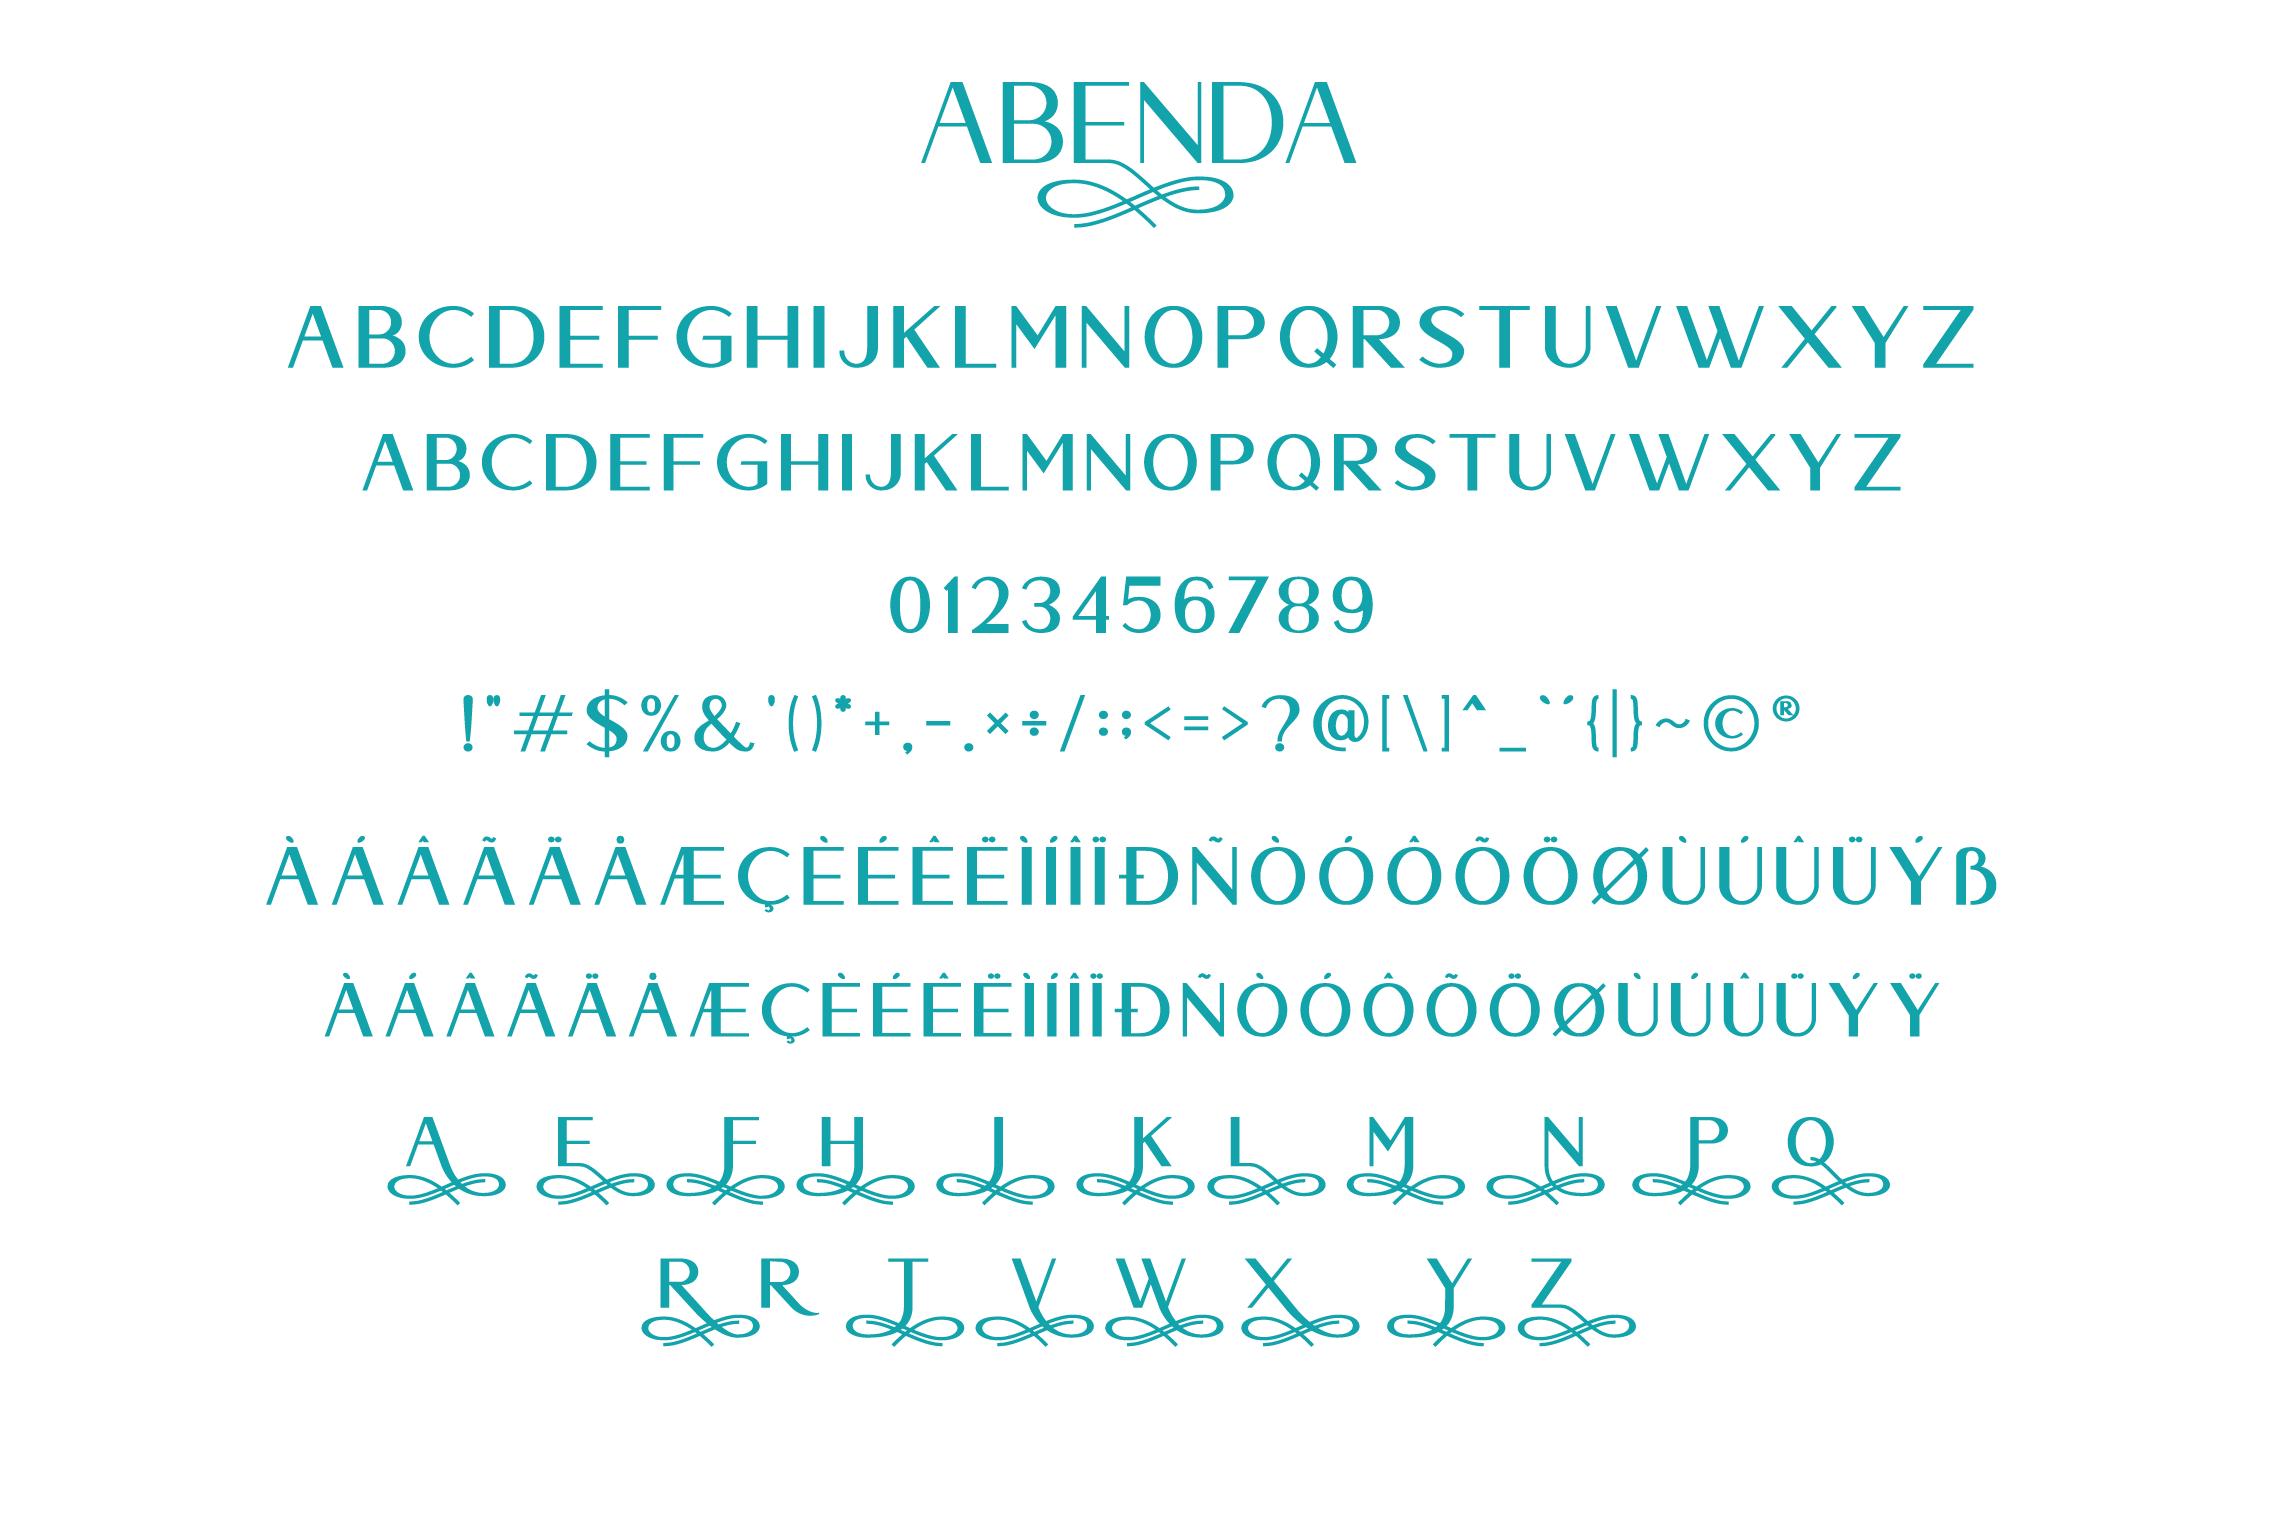 Abenda - Elegant Typeface example image 6